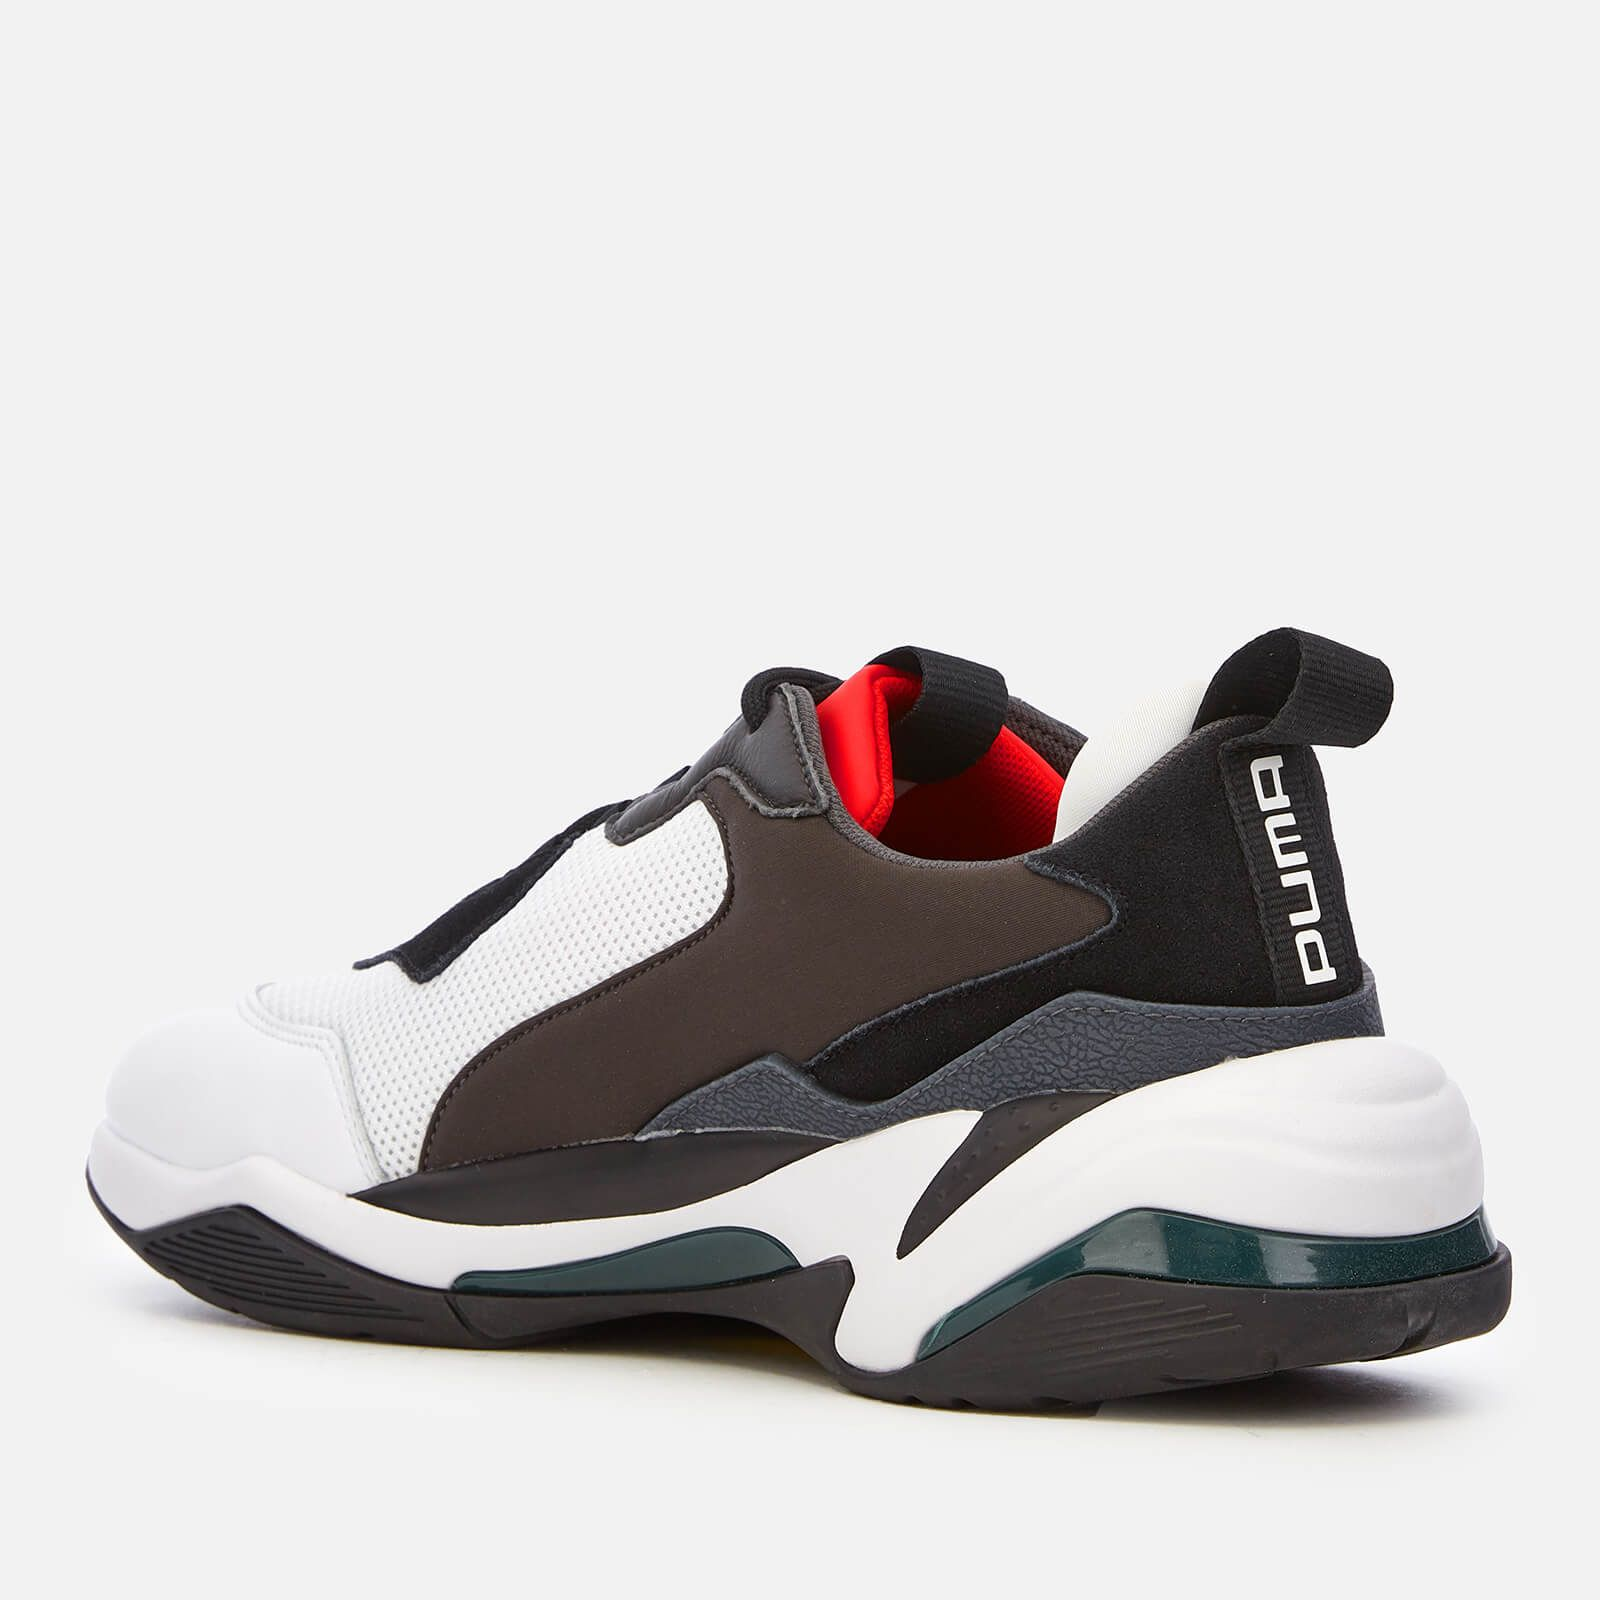 PUMA , HIGH RISK REDHIGH RISK RED. #puma #shoes | Red high